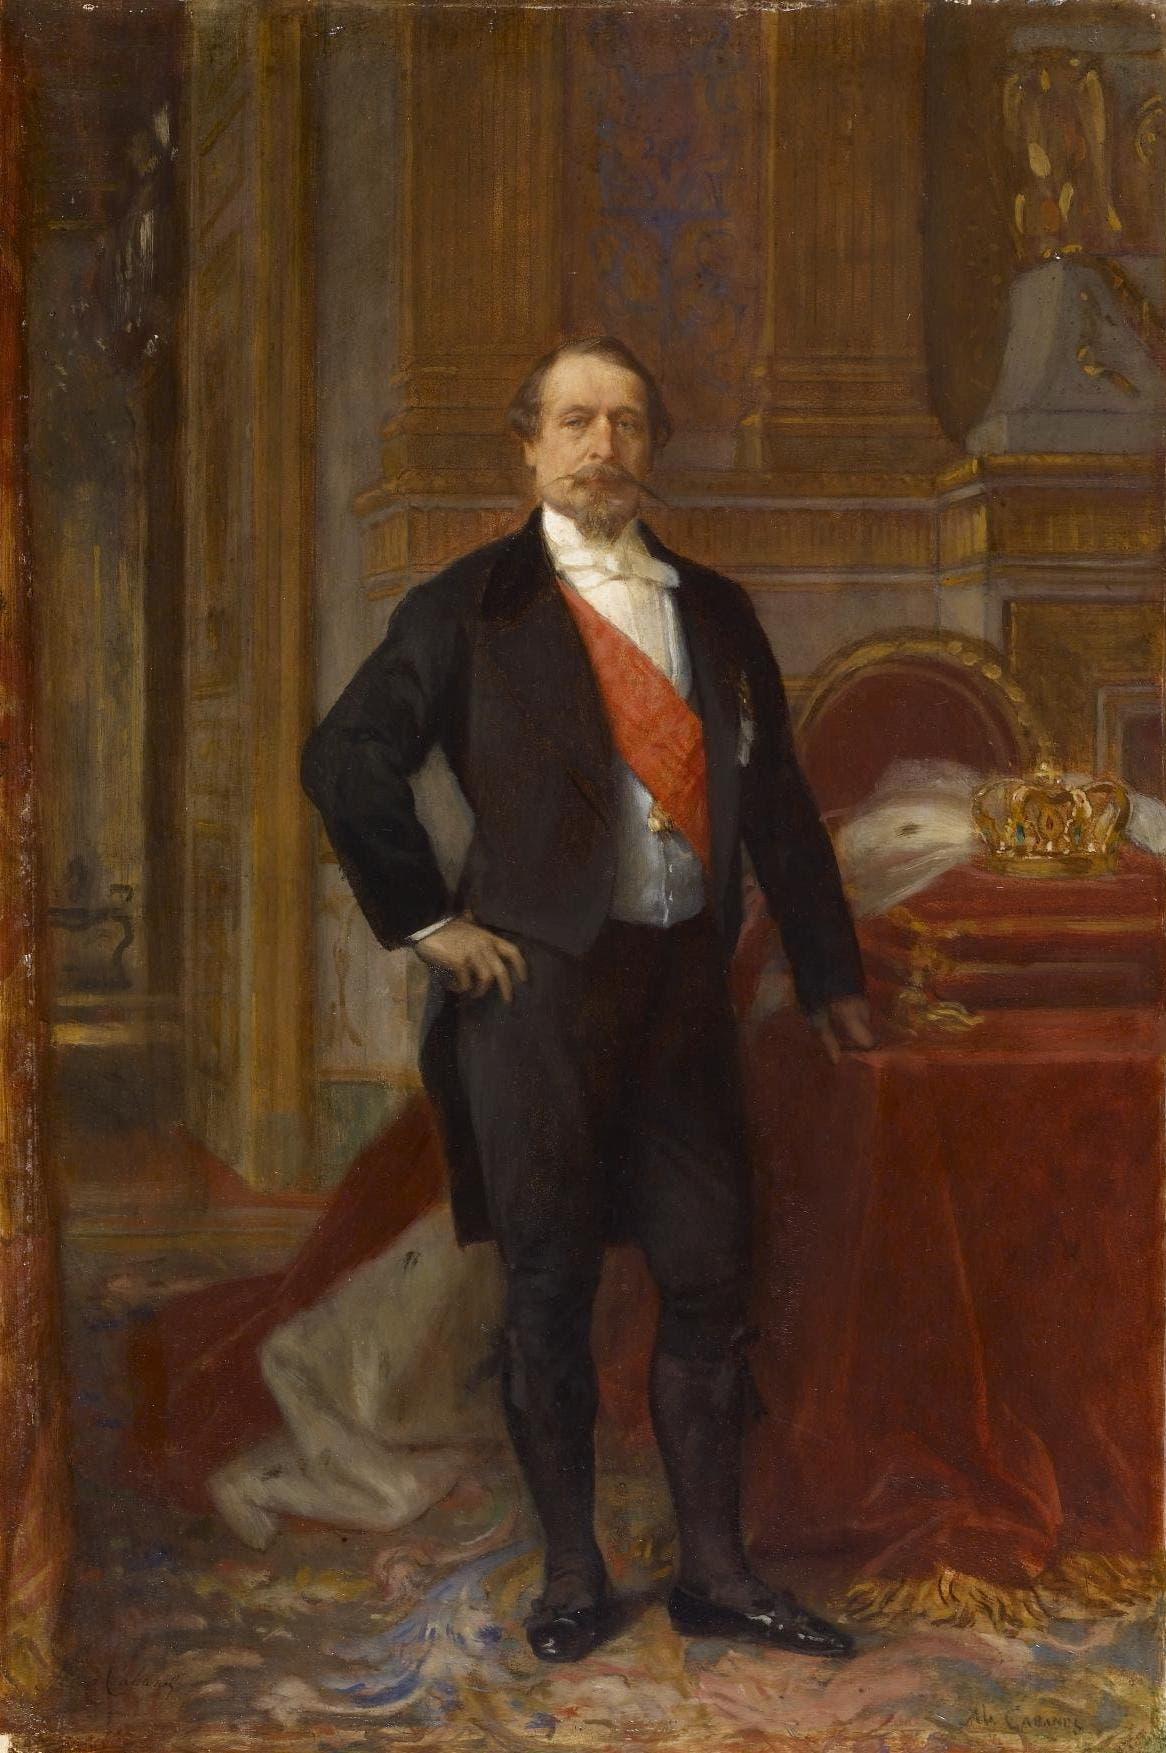 صورة للإمبراطور الفرنسي نابليون الثالث